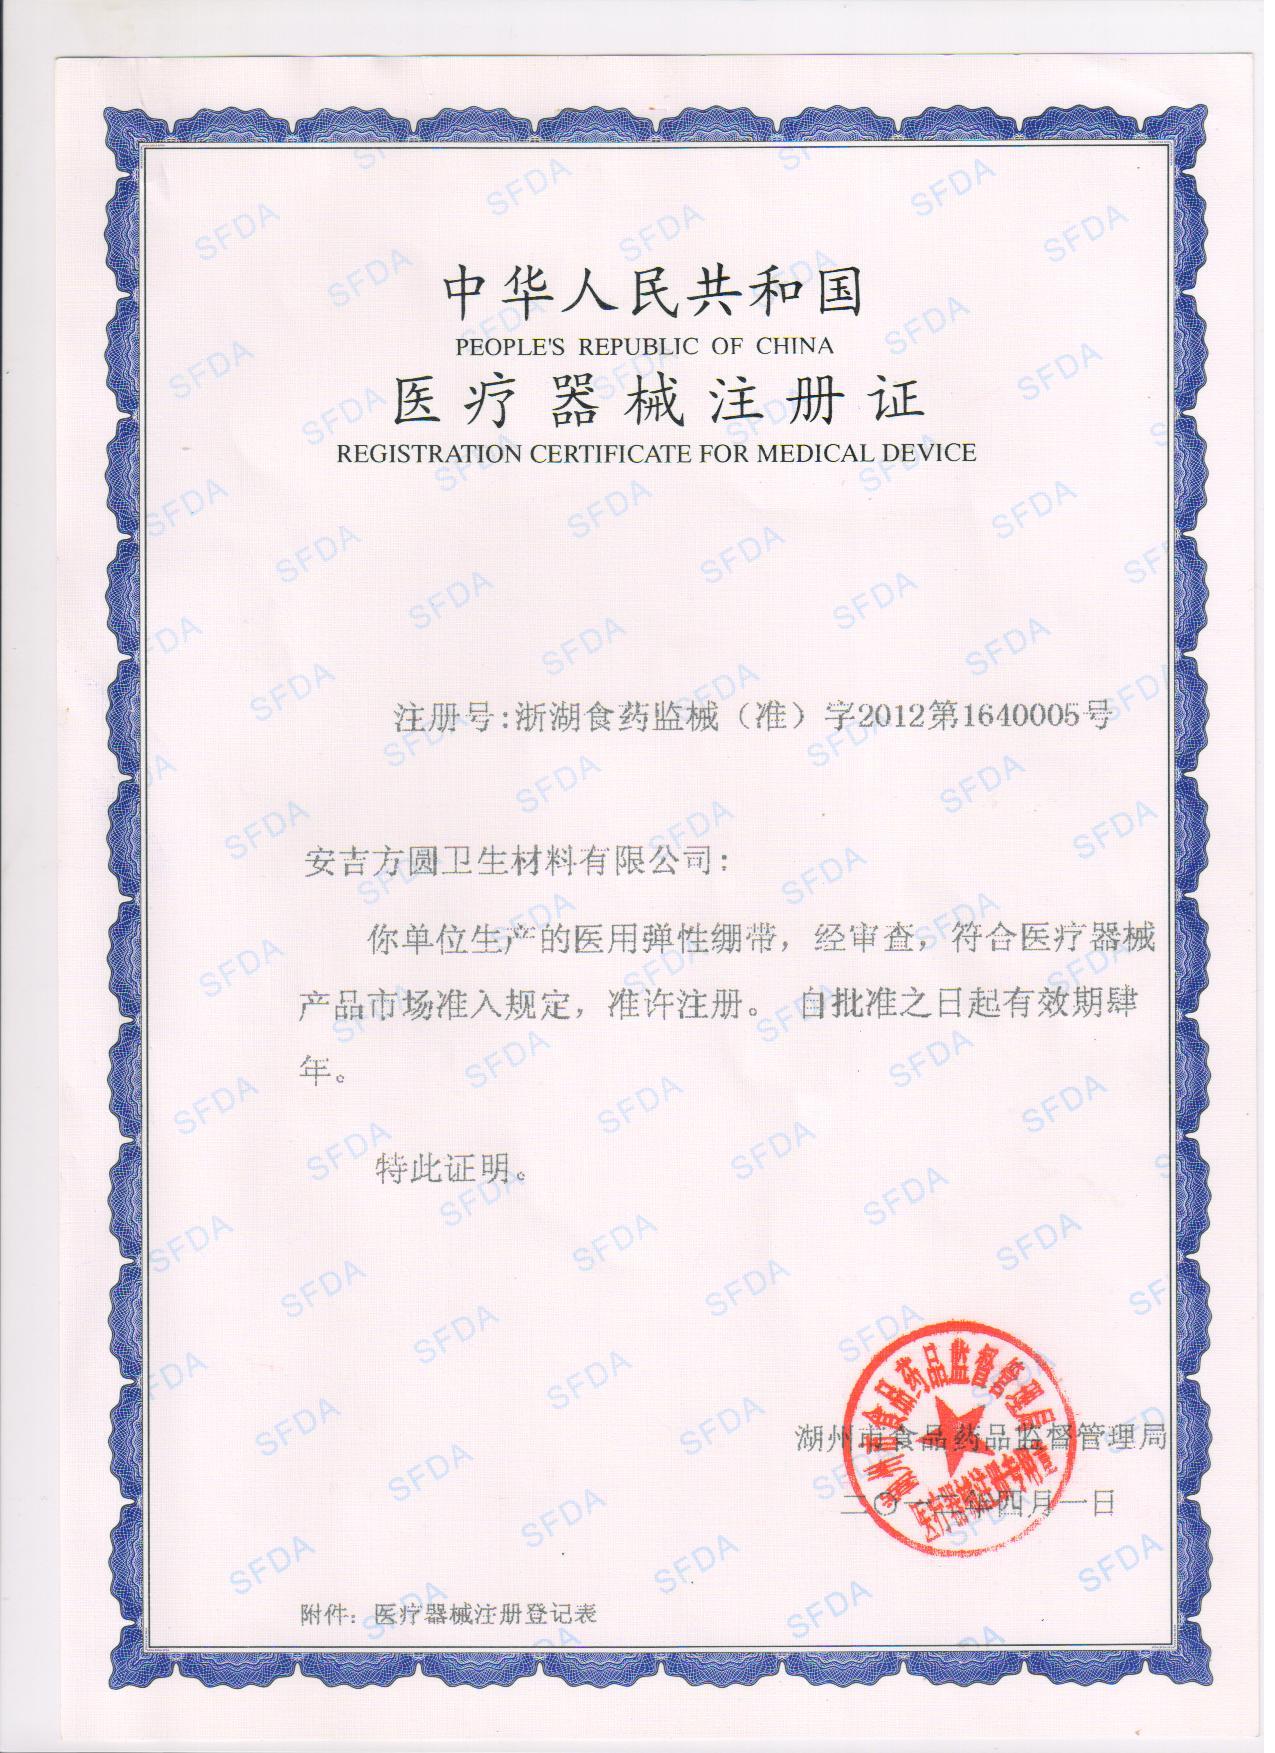 注册证2012.jpg